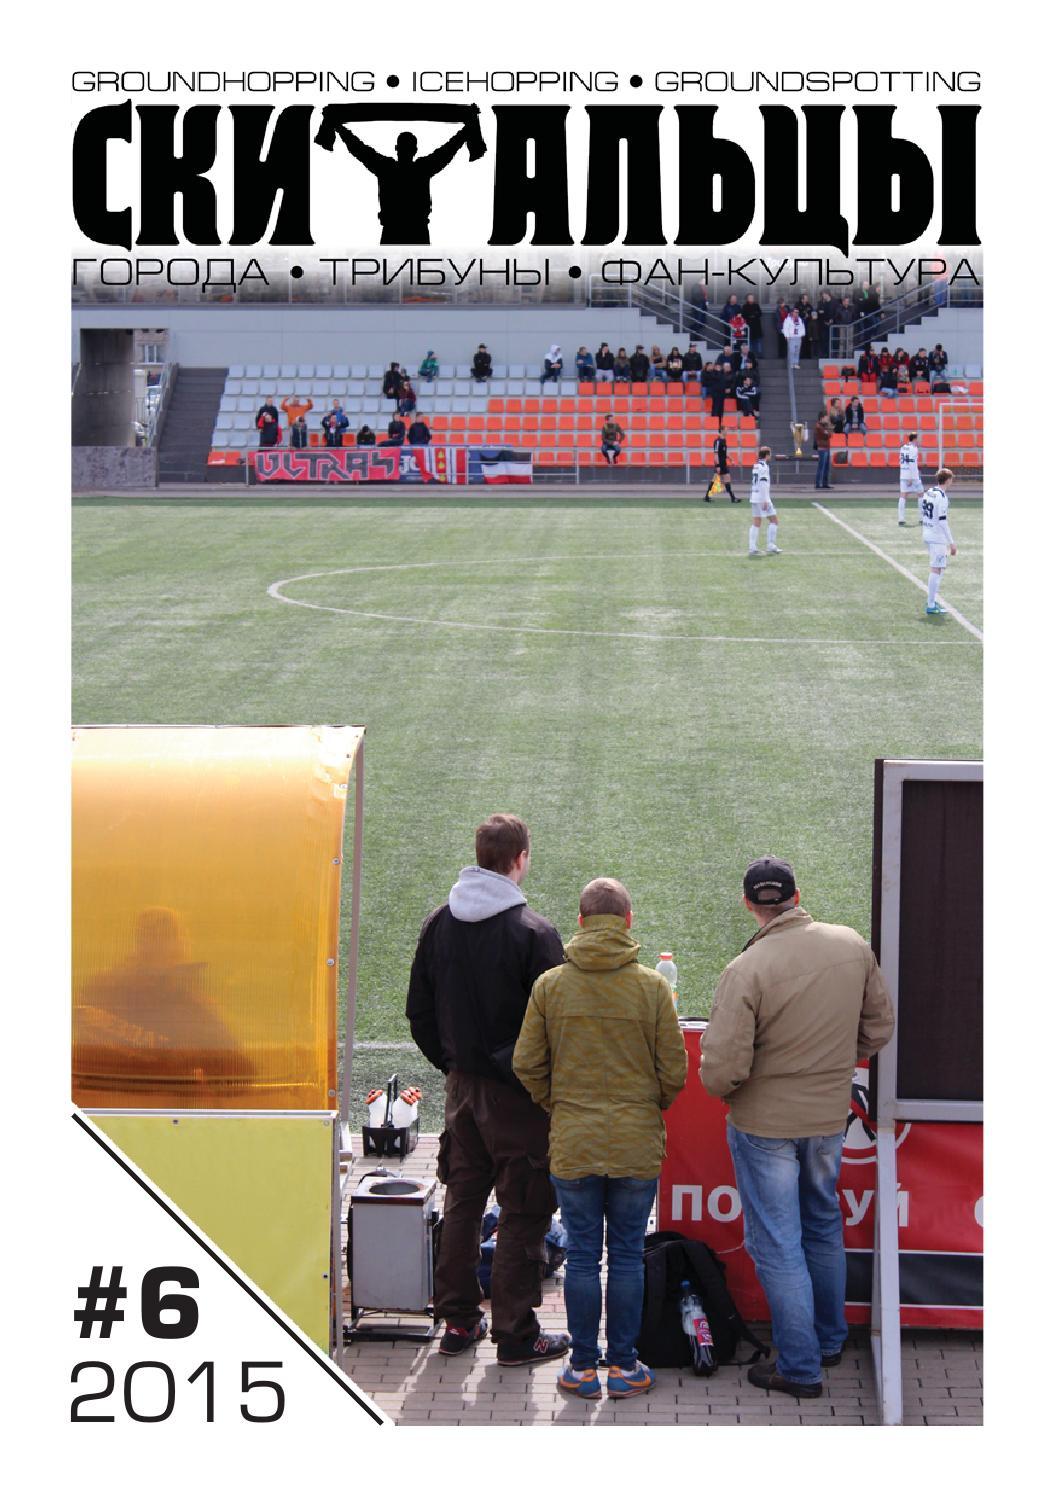 Дандолк за всех: как живет и выживает клубный футбол в Ирландии